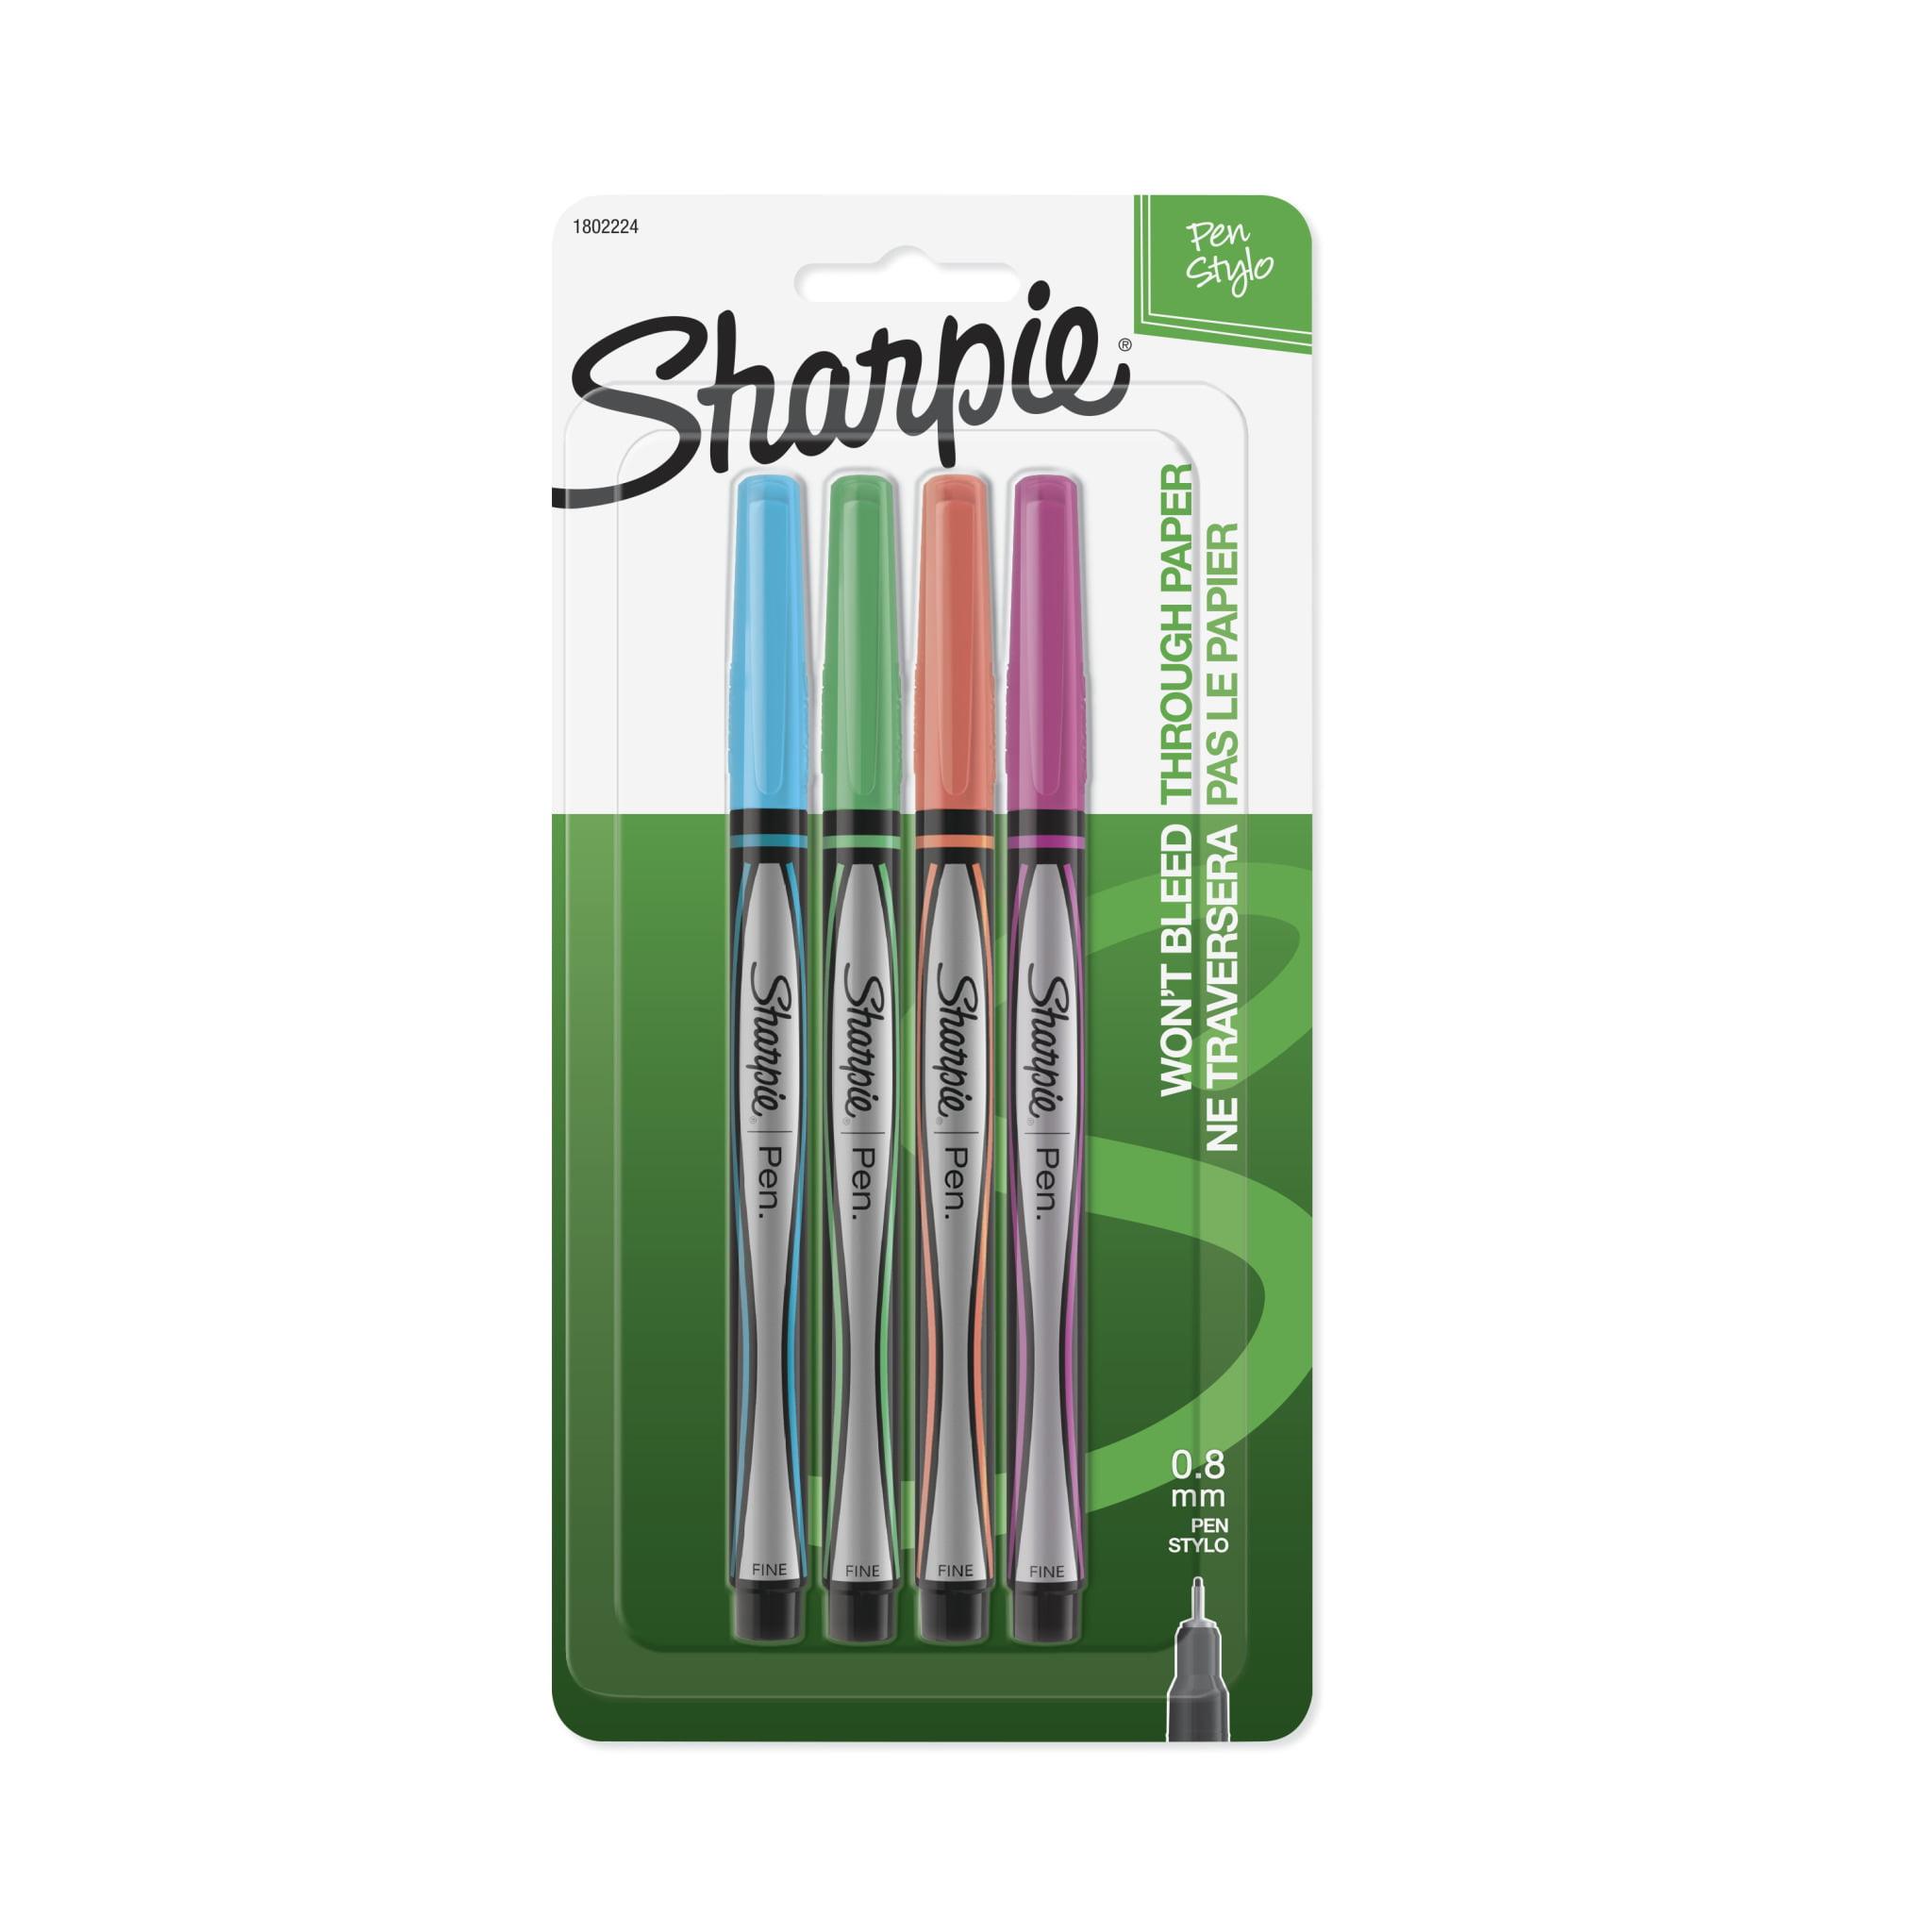 Sharpie Plastic Point Stick Pen, Assorted Fashion Colors, 4/Set